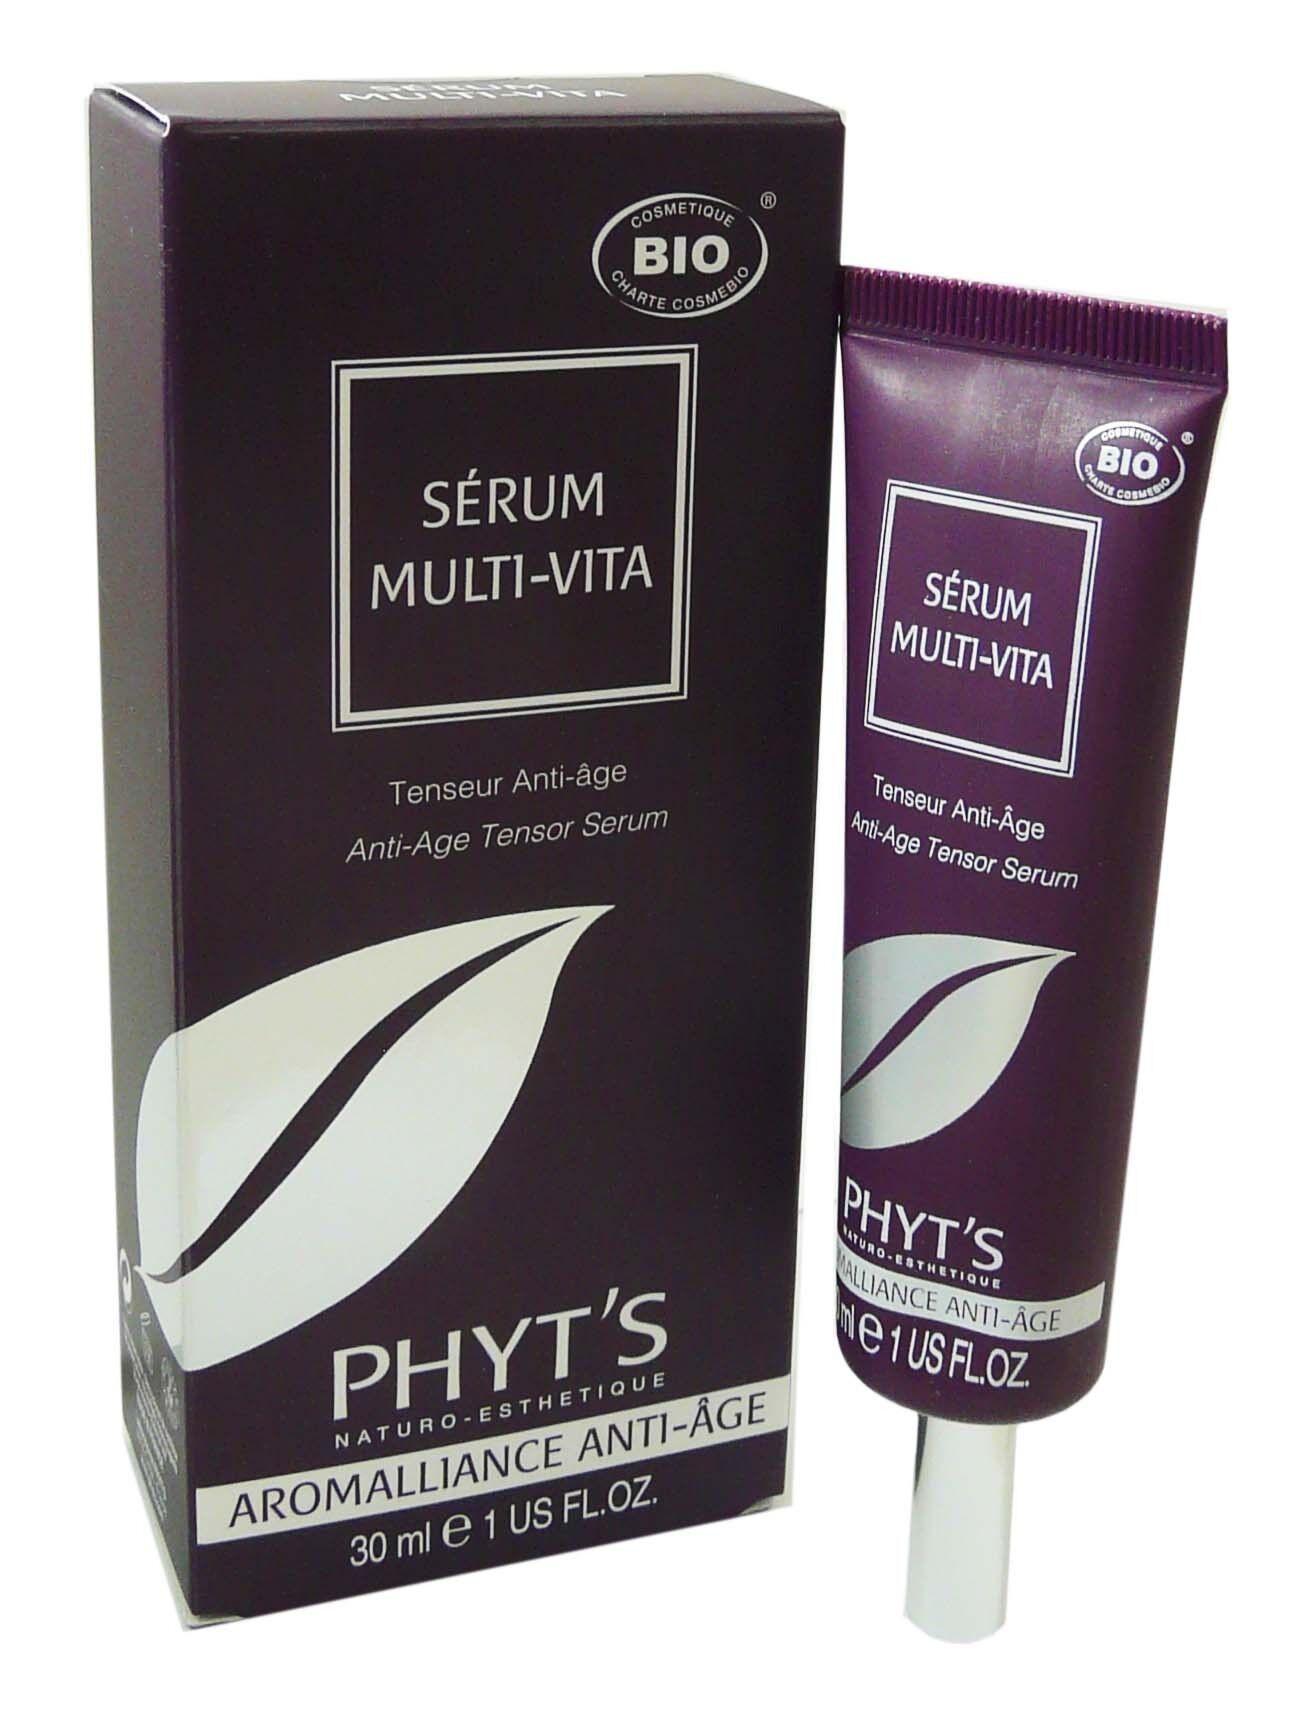 Phyt's aromalliance serum multi vita 30ml